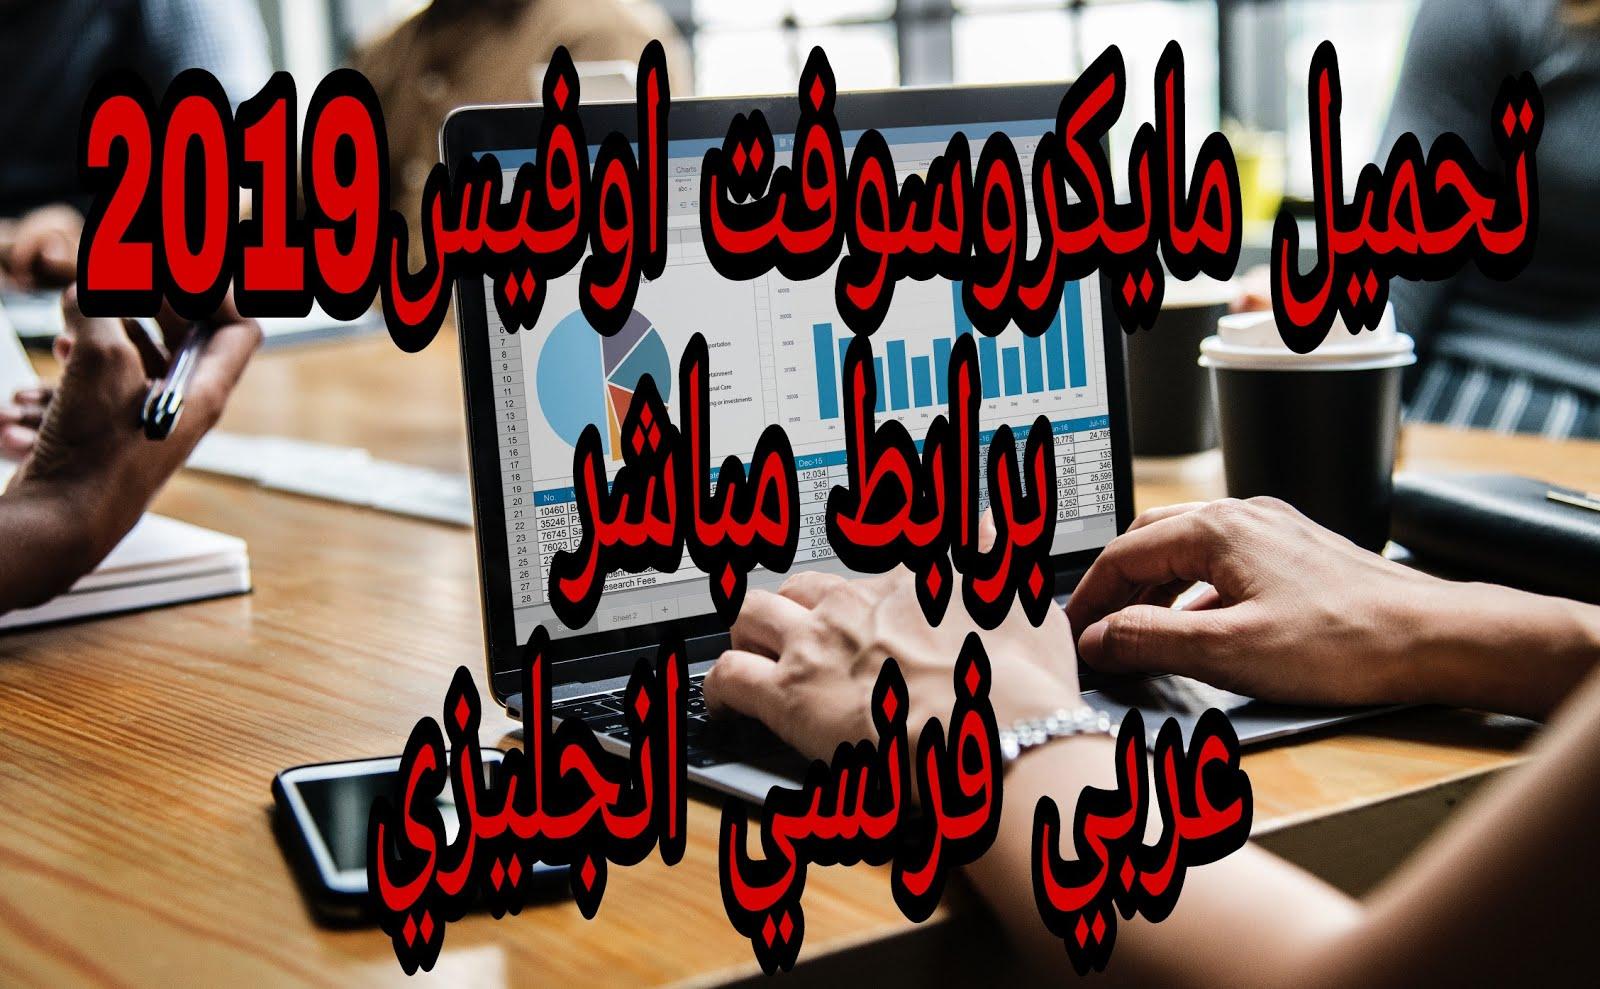 تحميل مايكروسوفت اوفيس 2016 عربي مجانا ويندوز 10